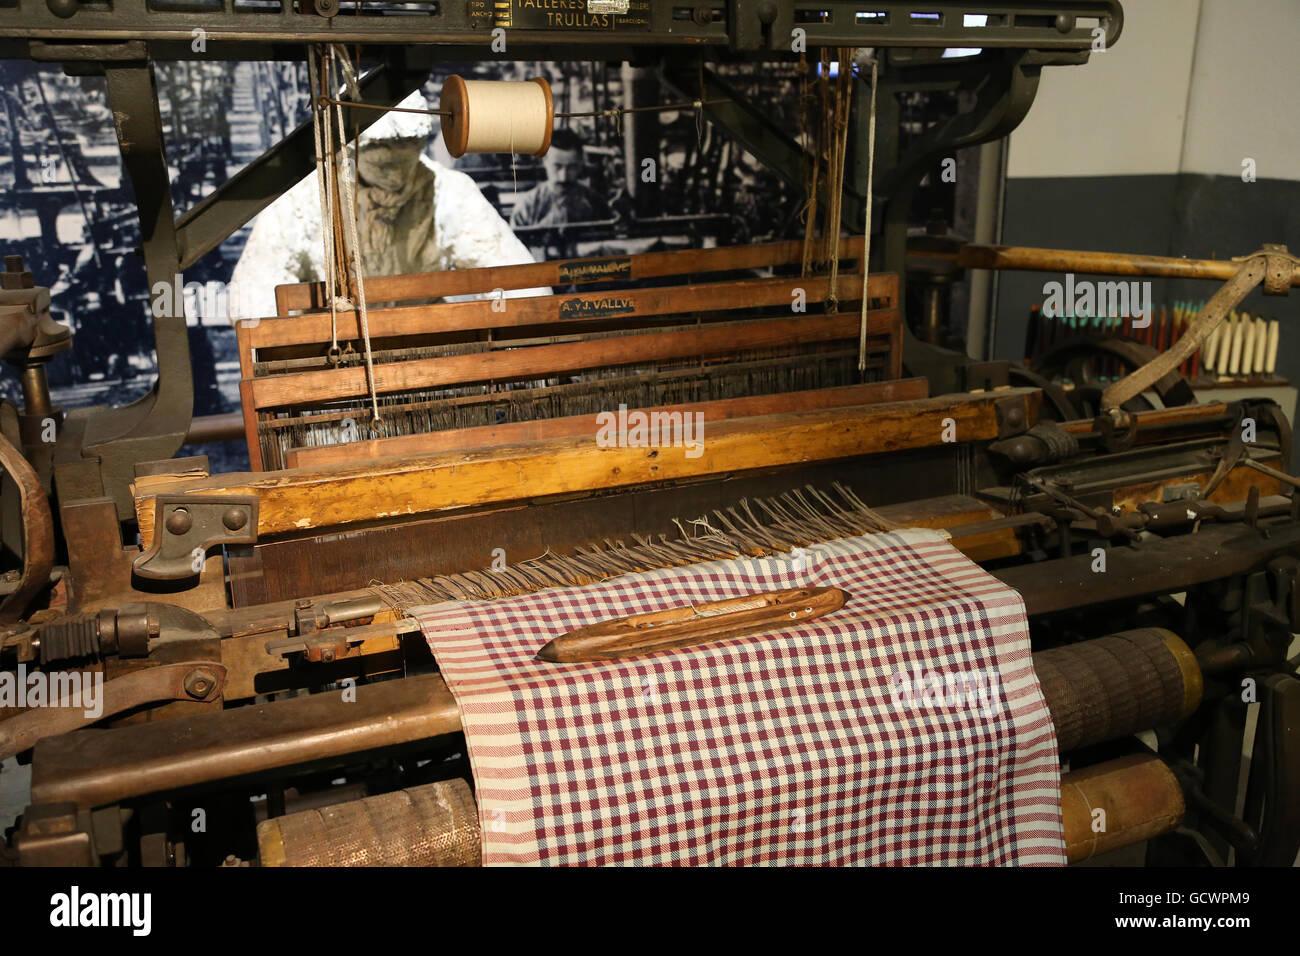 Usines de textile. 19e siècle. Femme a travaillé dans l'industrie textile. La reproduction. Espagne.Musée Photo Stock